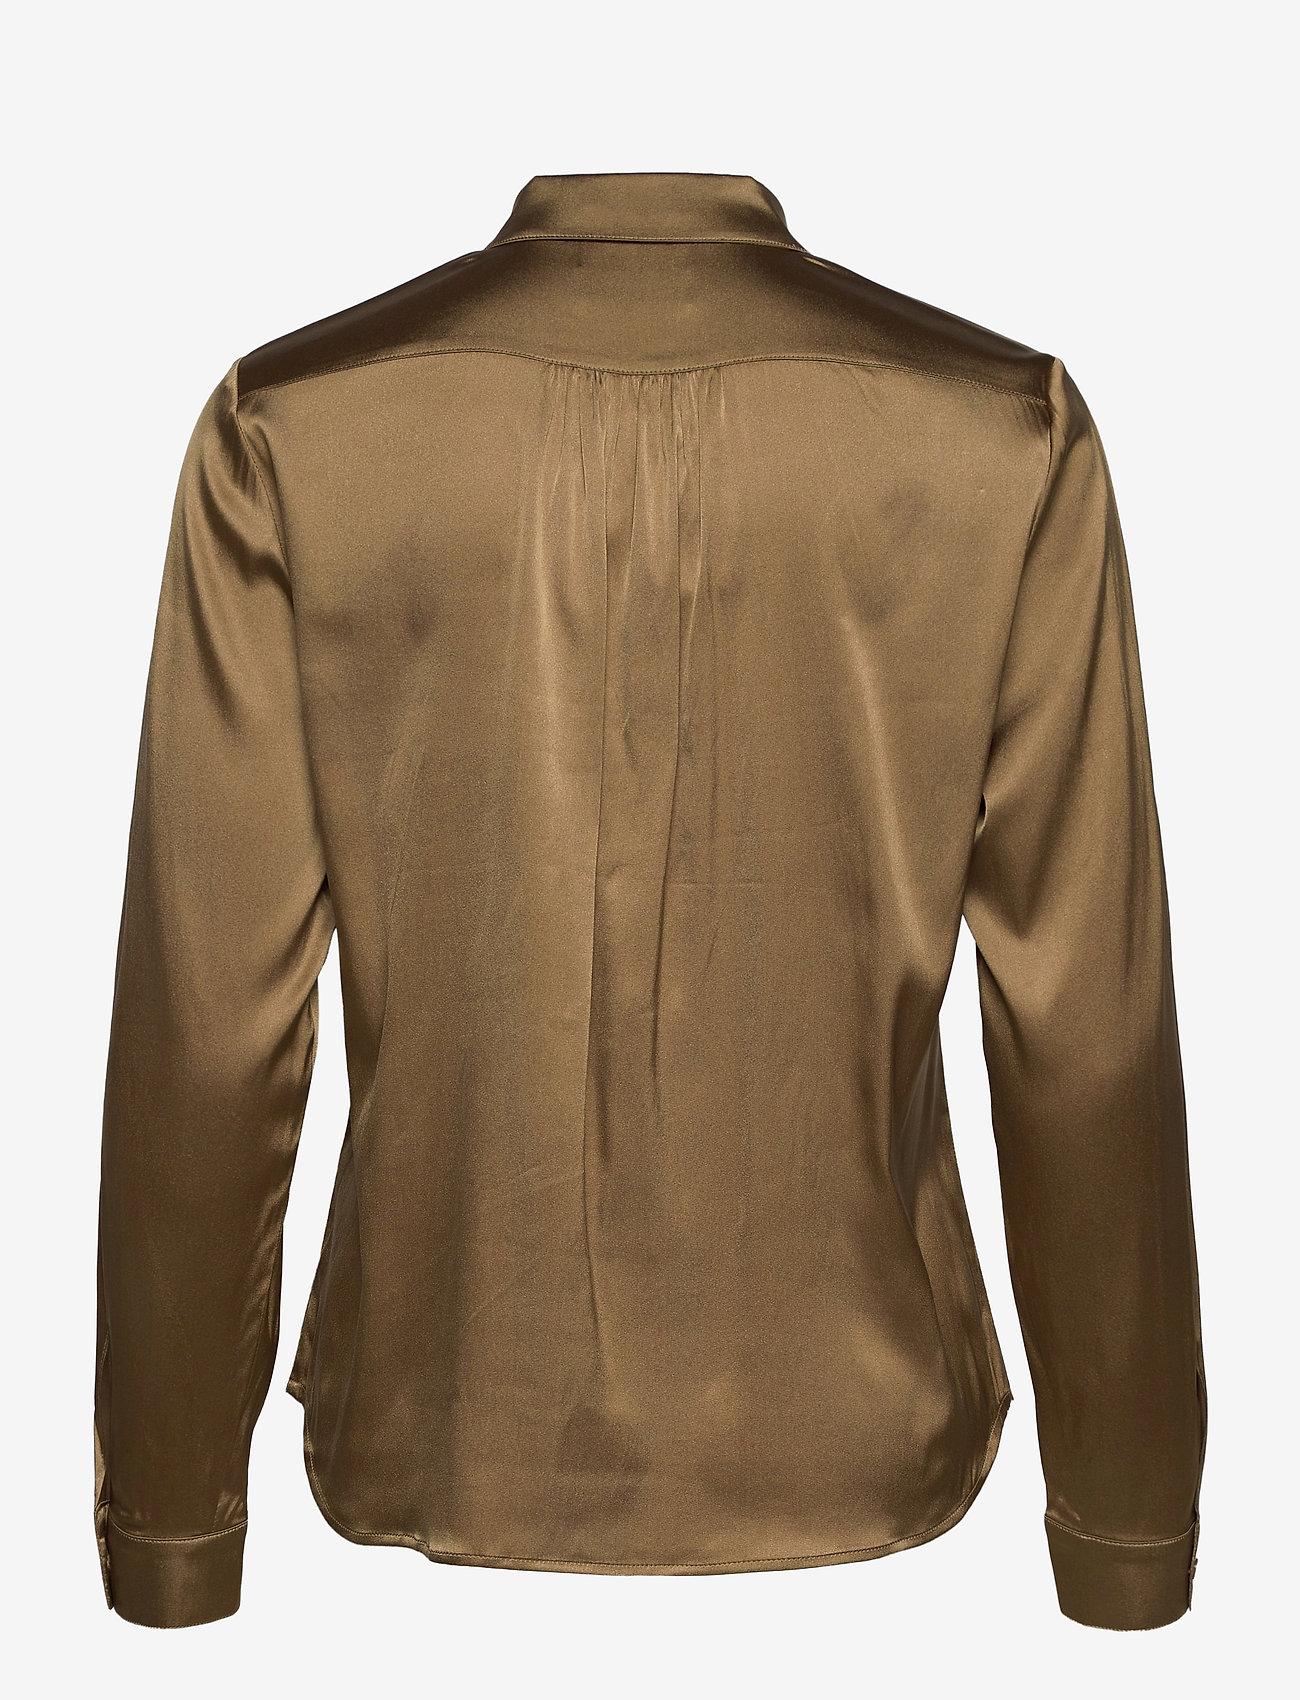 SAND - 3176 - Latia - overhemden met lange mouwen - light camel - 1